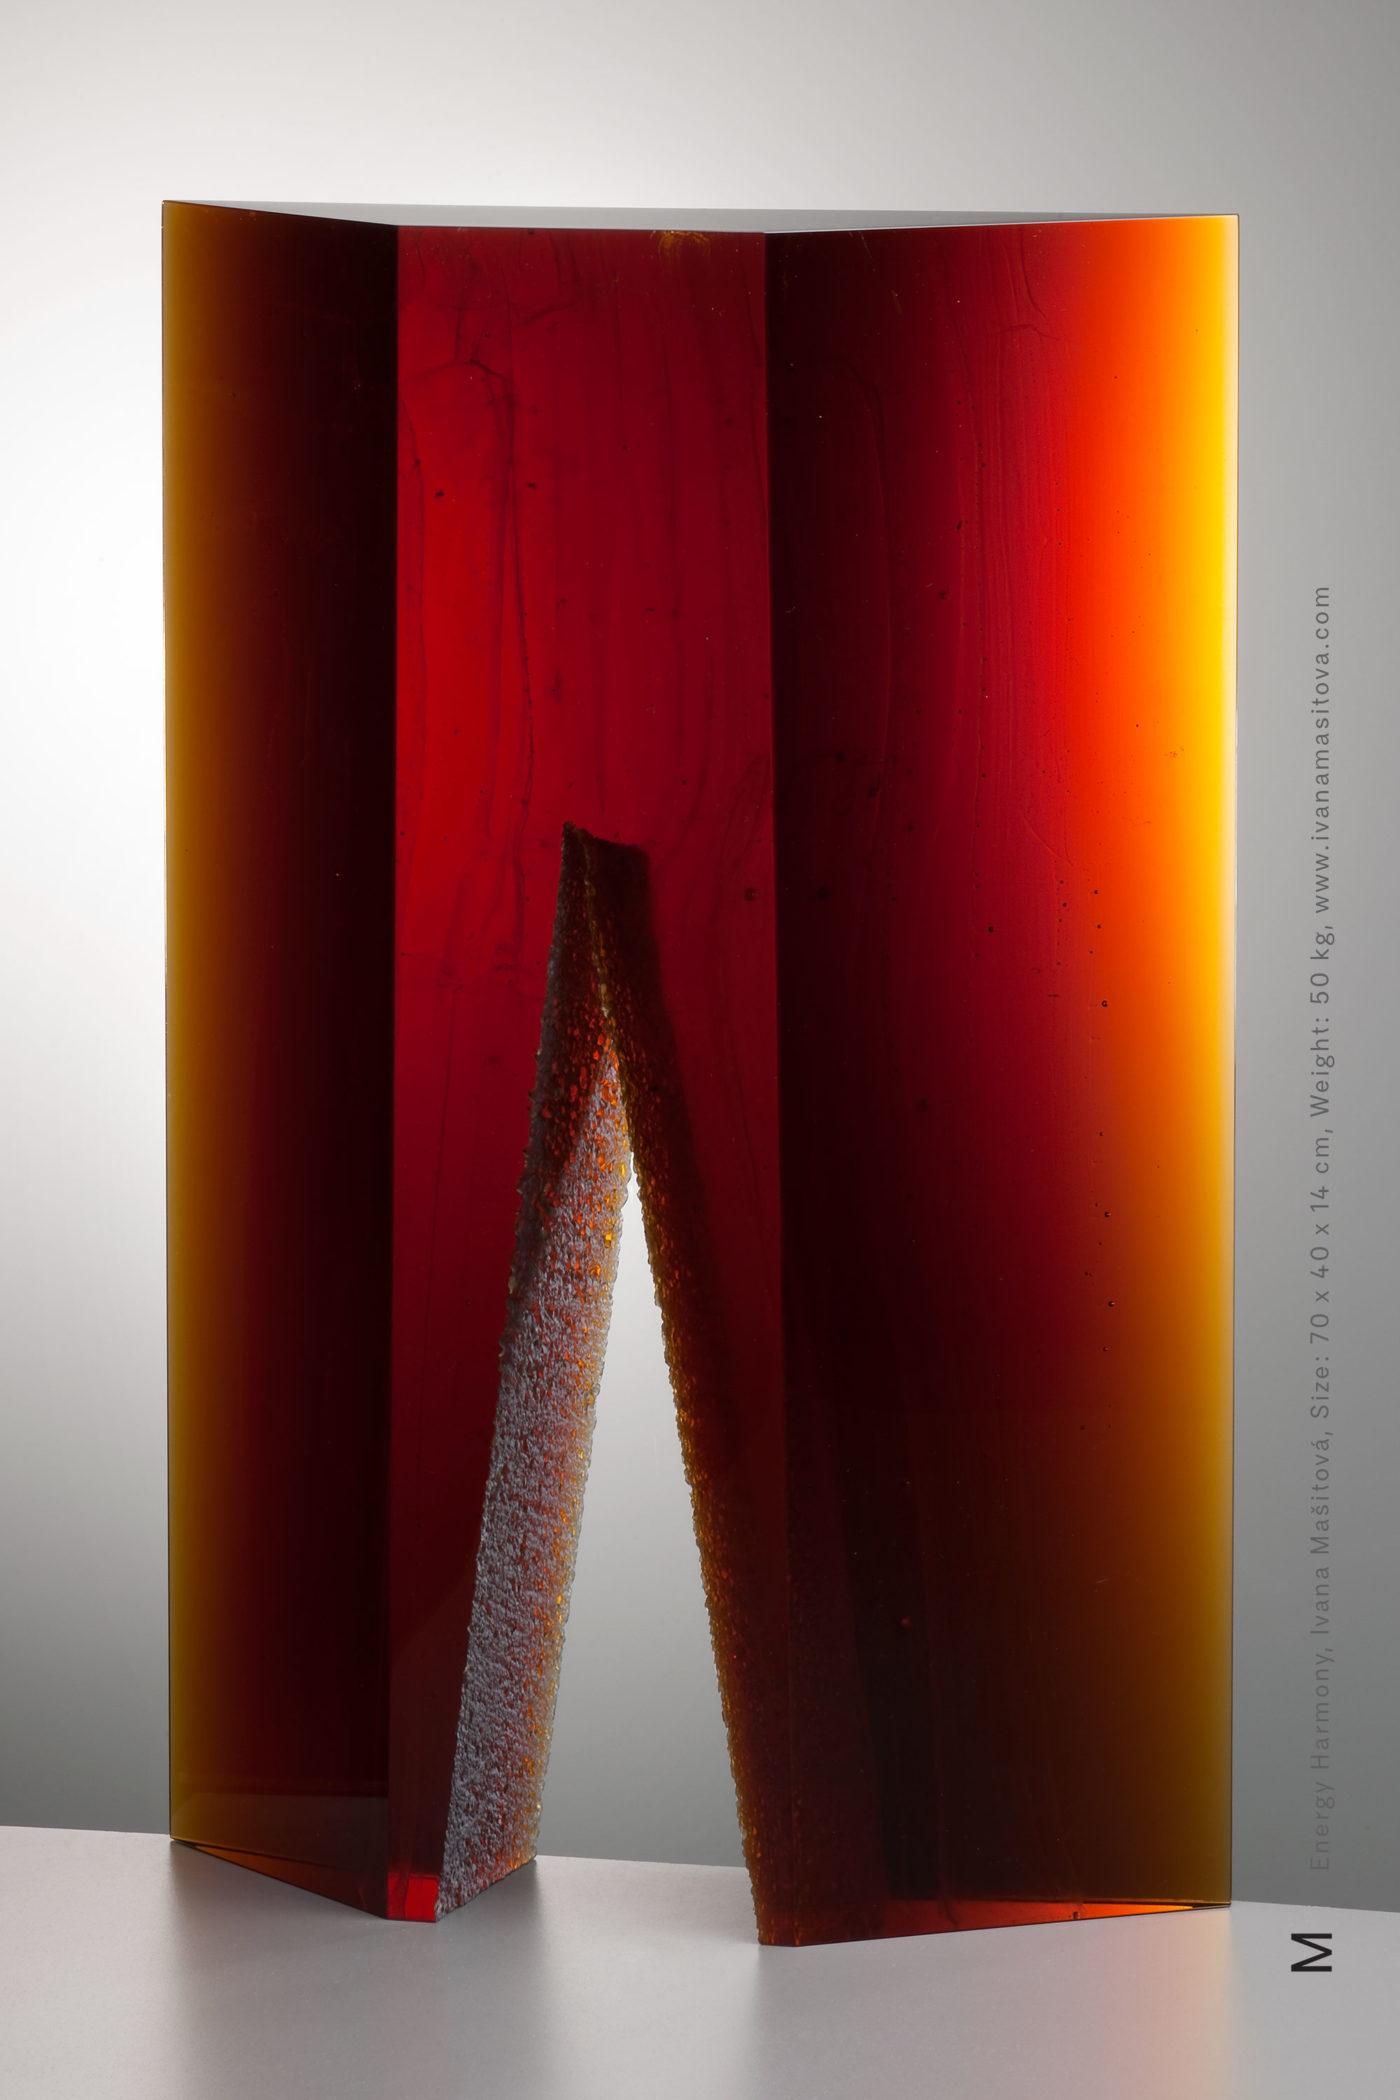 Soulad-energie_Energy-Harmony,70x40x14cm,50kg